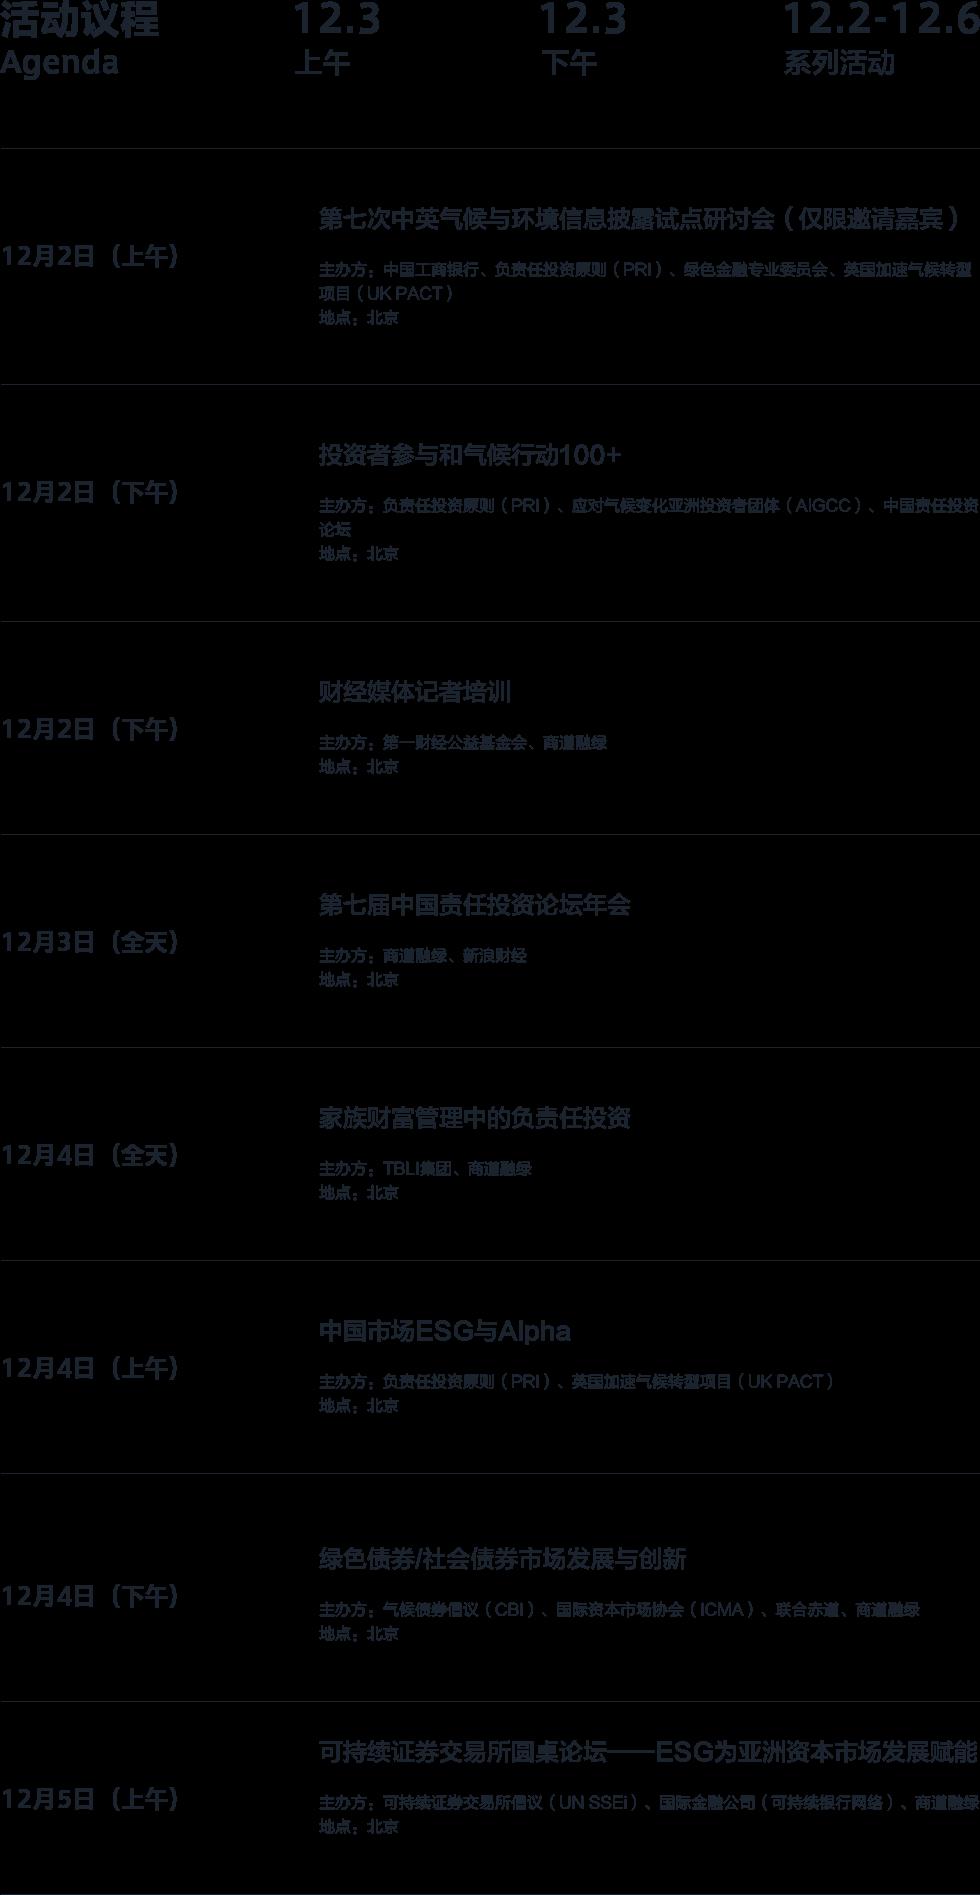 同乐城tlc3,纪凌尘正面否认出轨:爱过你不后悔